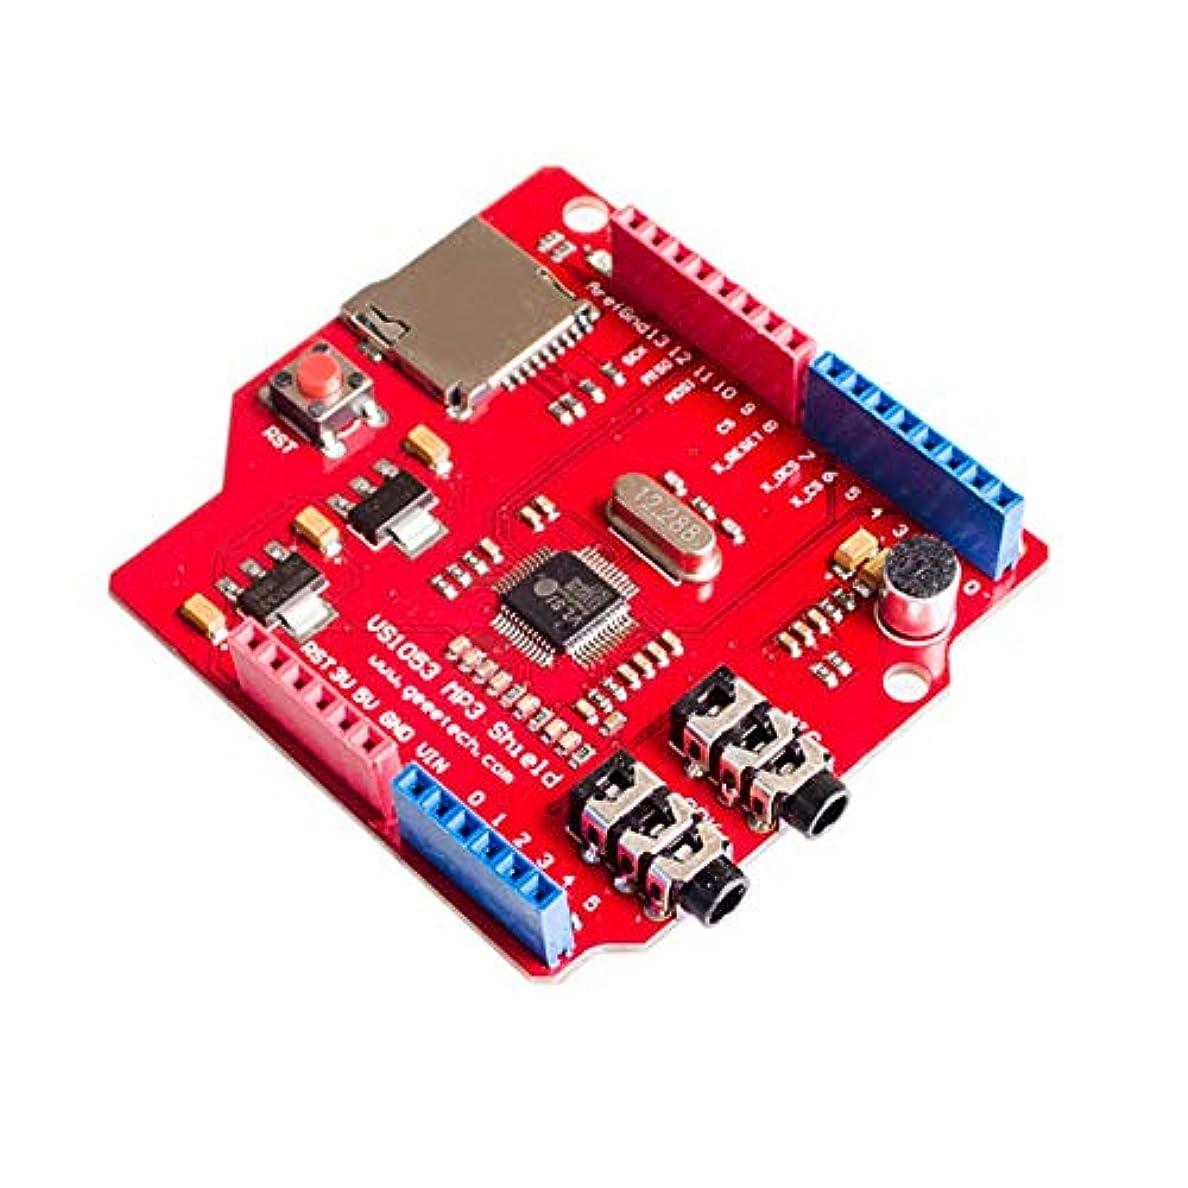 スポンサーセンチメンタル女優Profeel VS1053 MP3開発ボードモジュールステレオオーディオレコードデコードボード